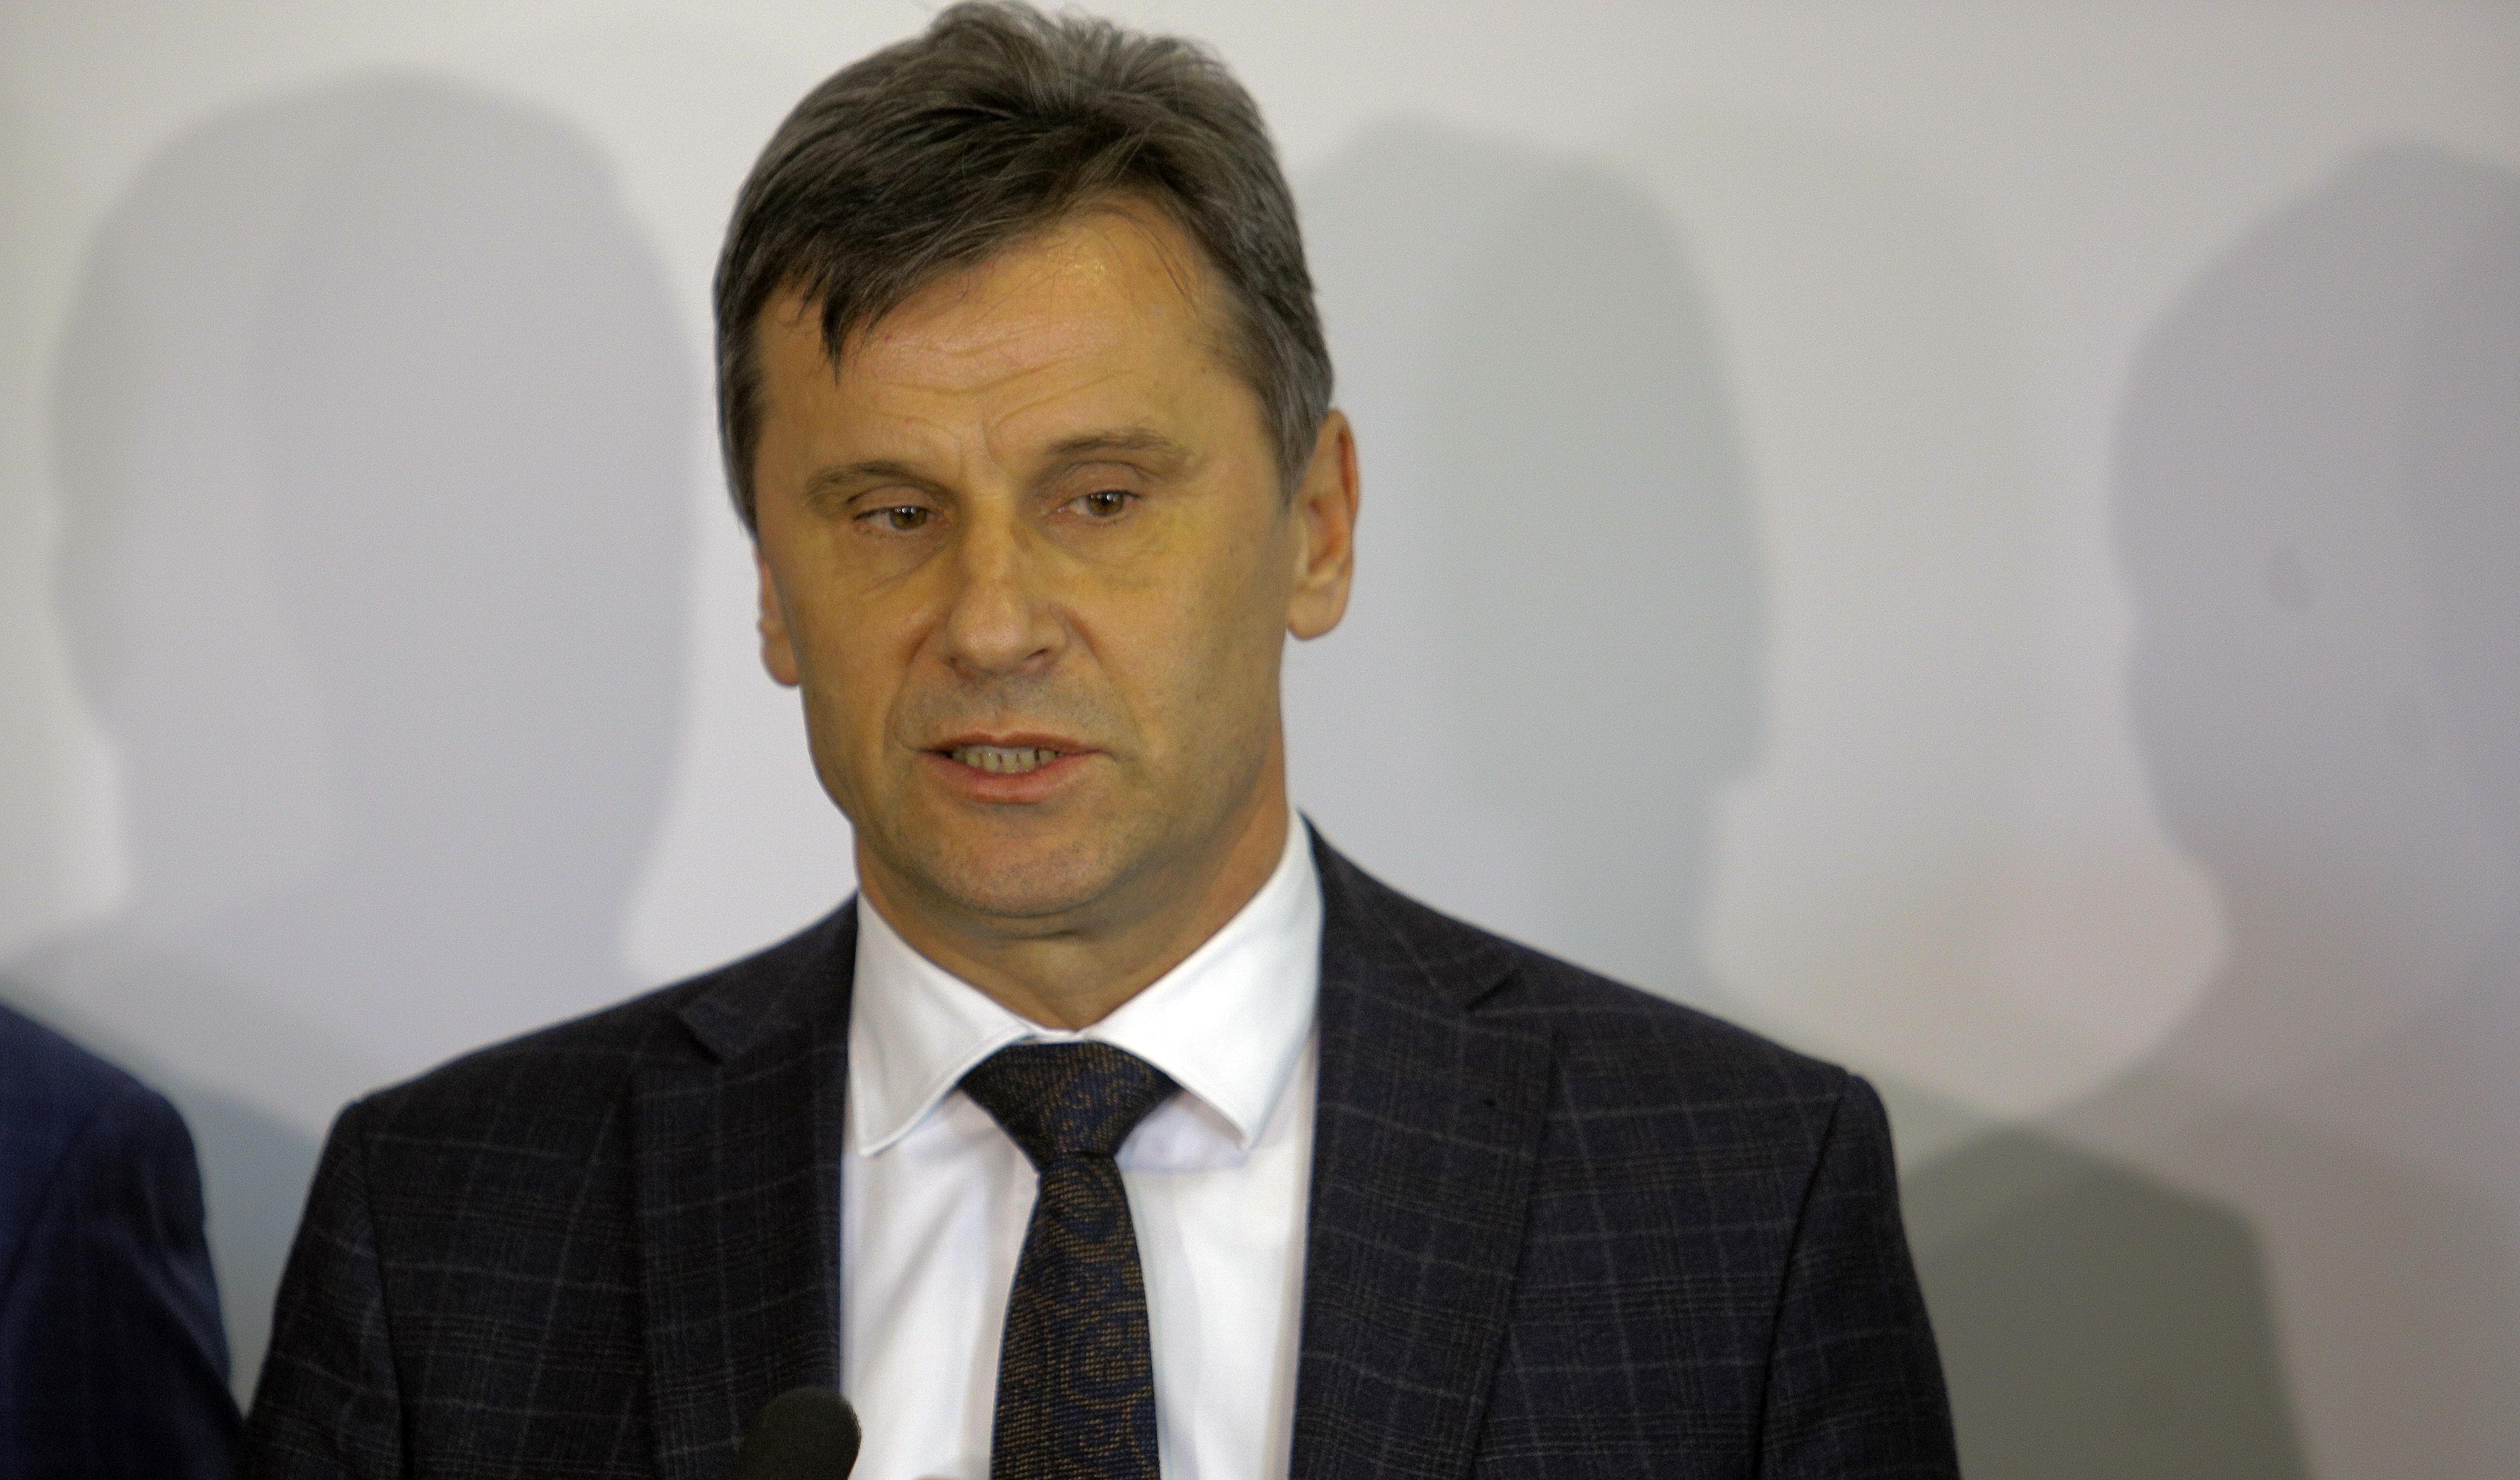 Szabadlábon védekezhet a bosnyák-horvát miniszterelnök, akit használhatatlan kínai lélegeztetőgépek miatt vettek őrizetbe